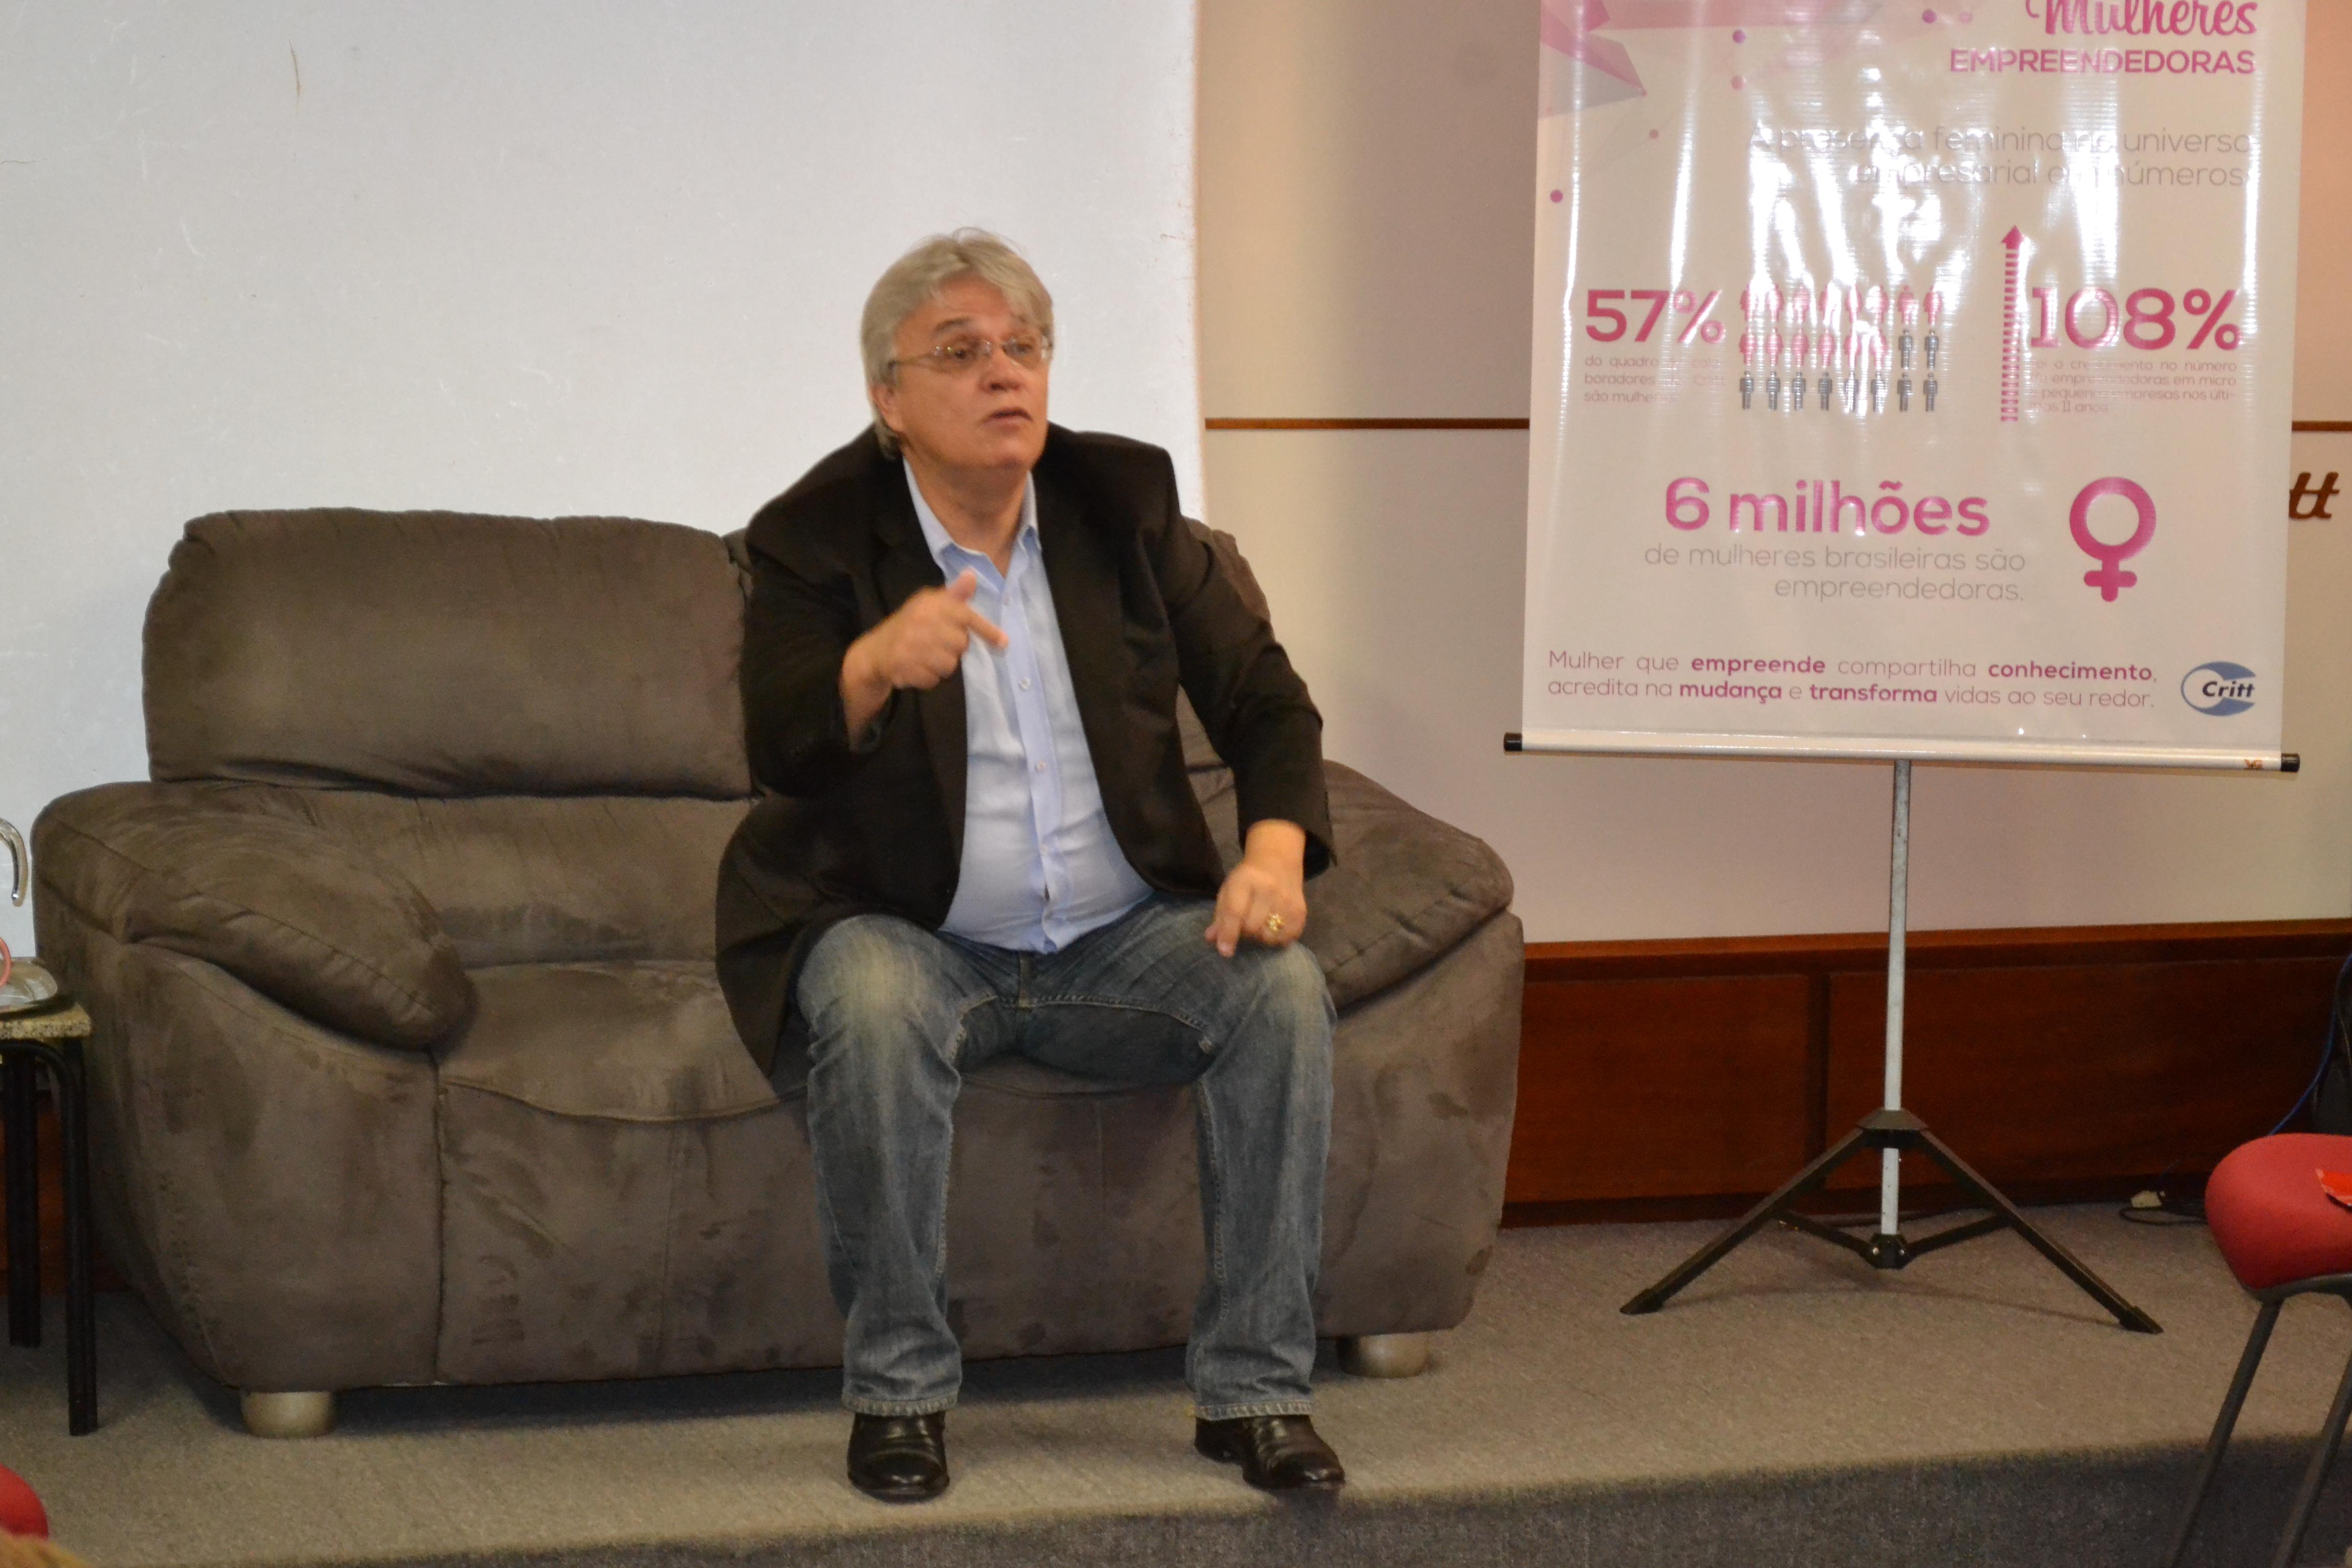 Dr. Telmo Justo Alves, Ginecologista e Mastologista